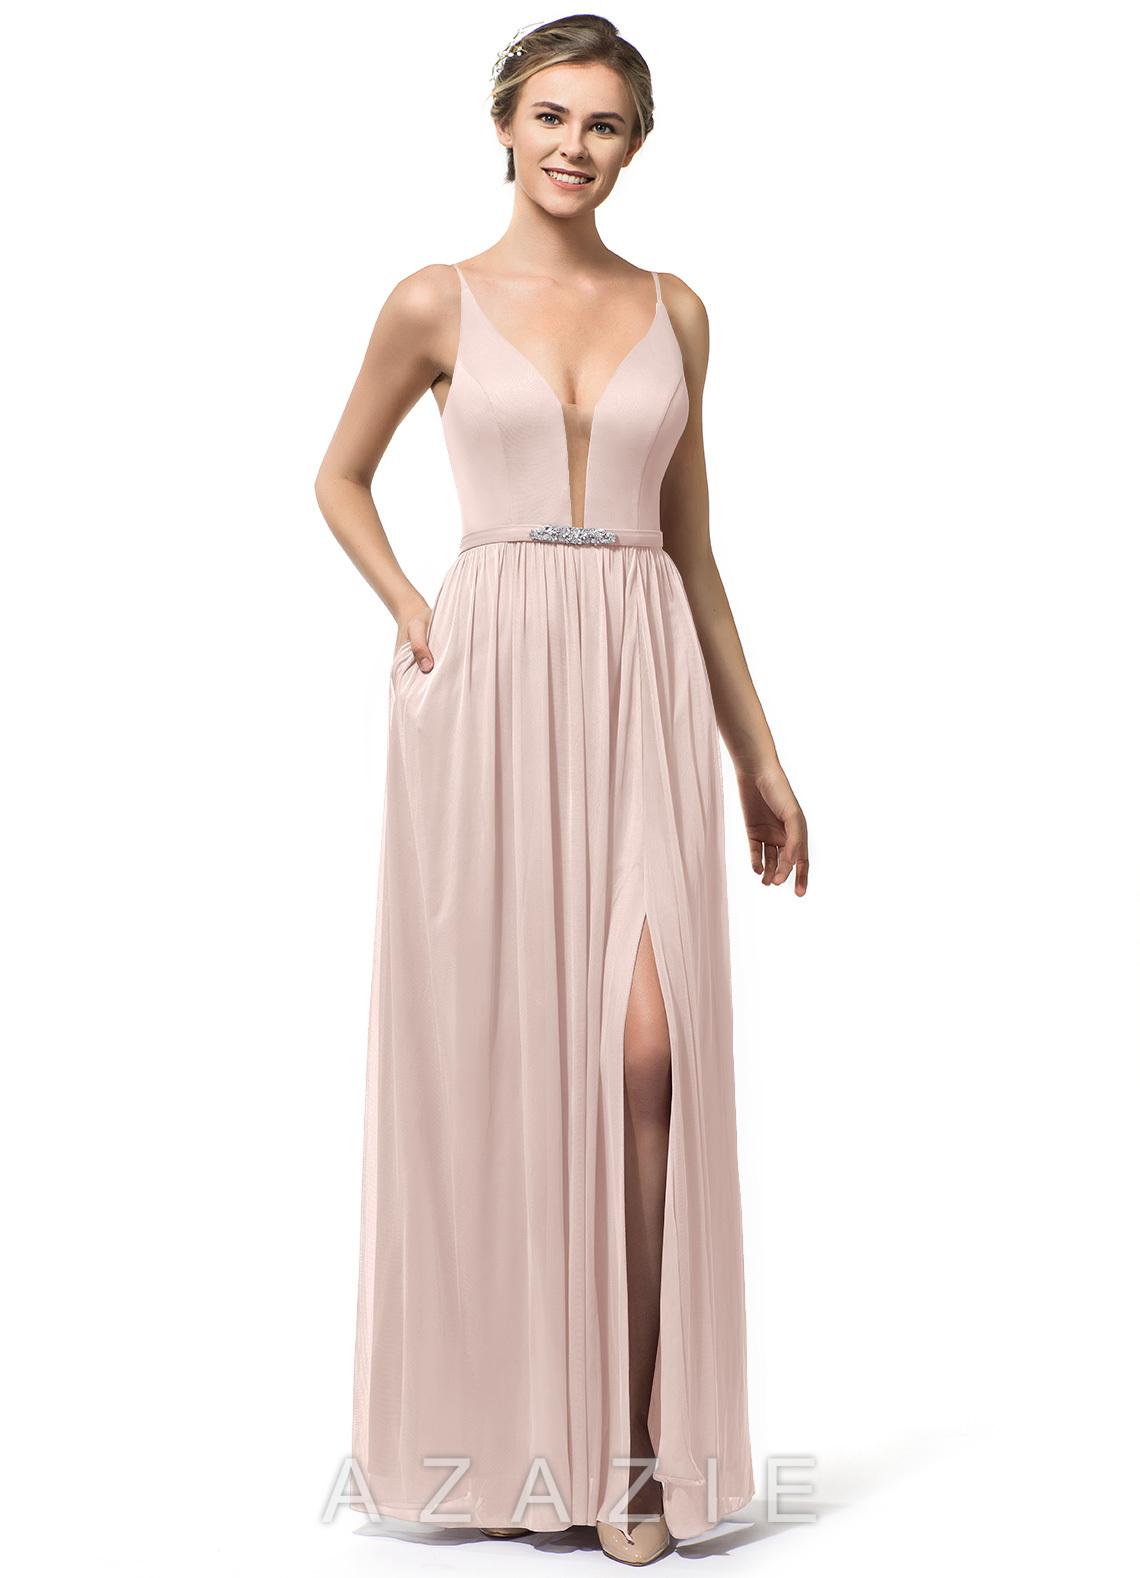 1ead752ac7ba7 Azazie Leah Bridesmaid Dress | Azazie